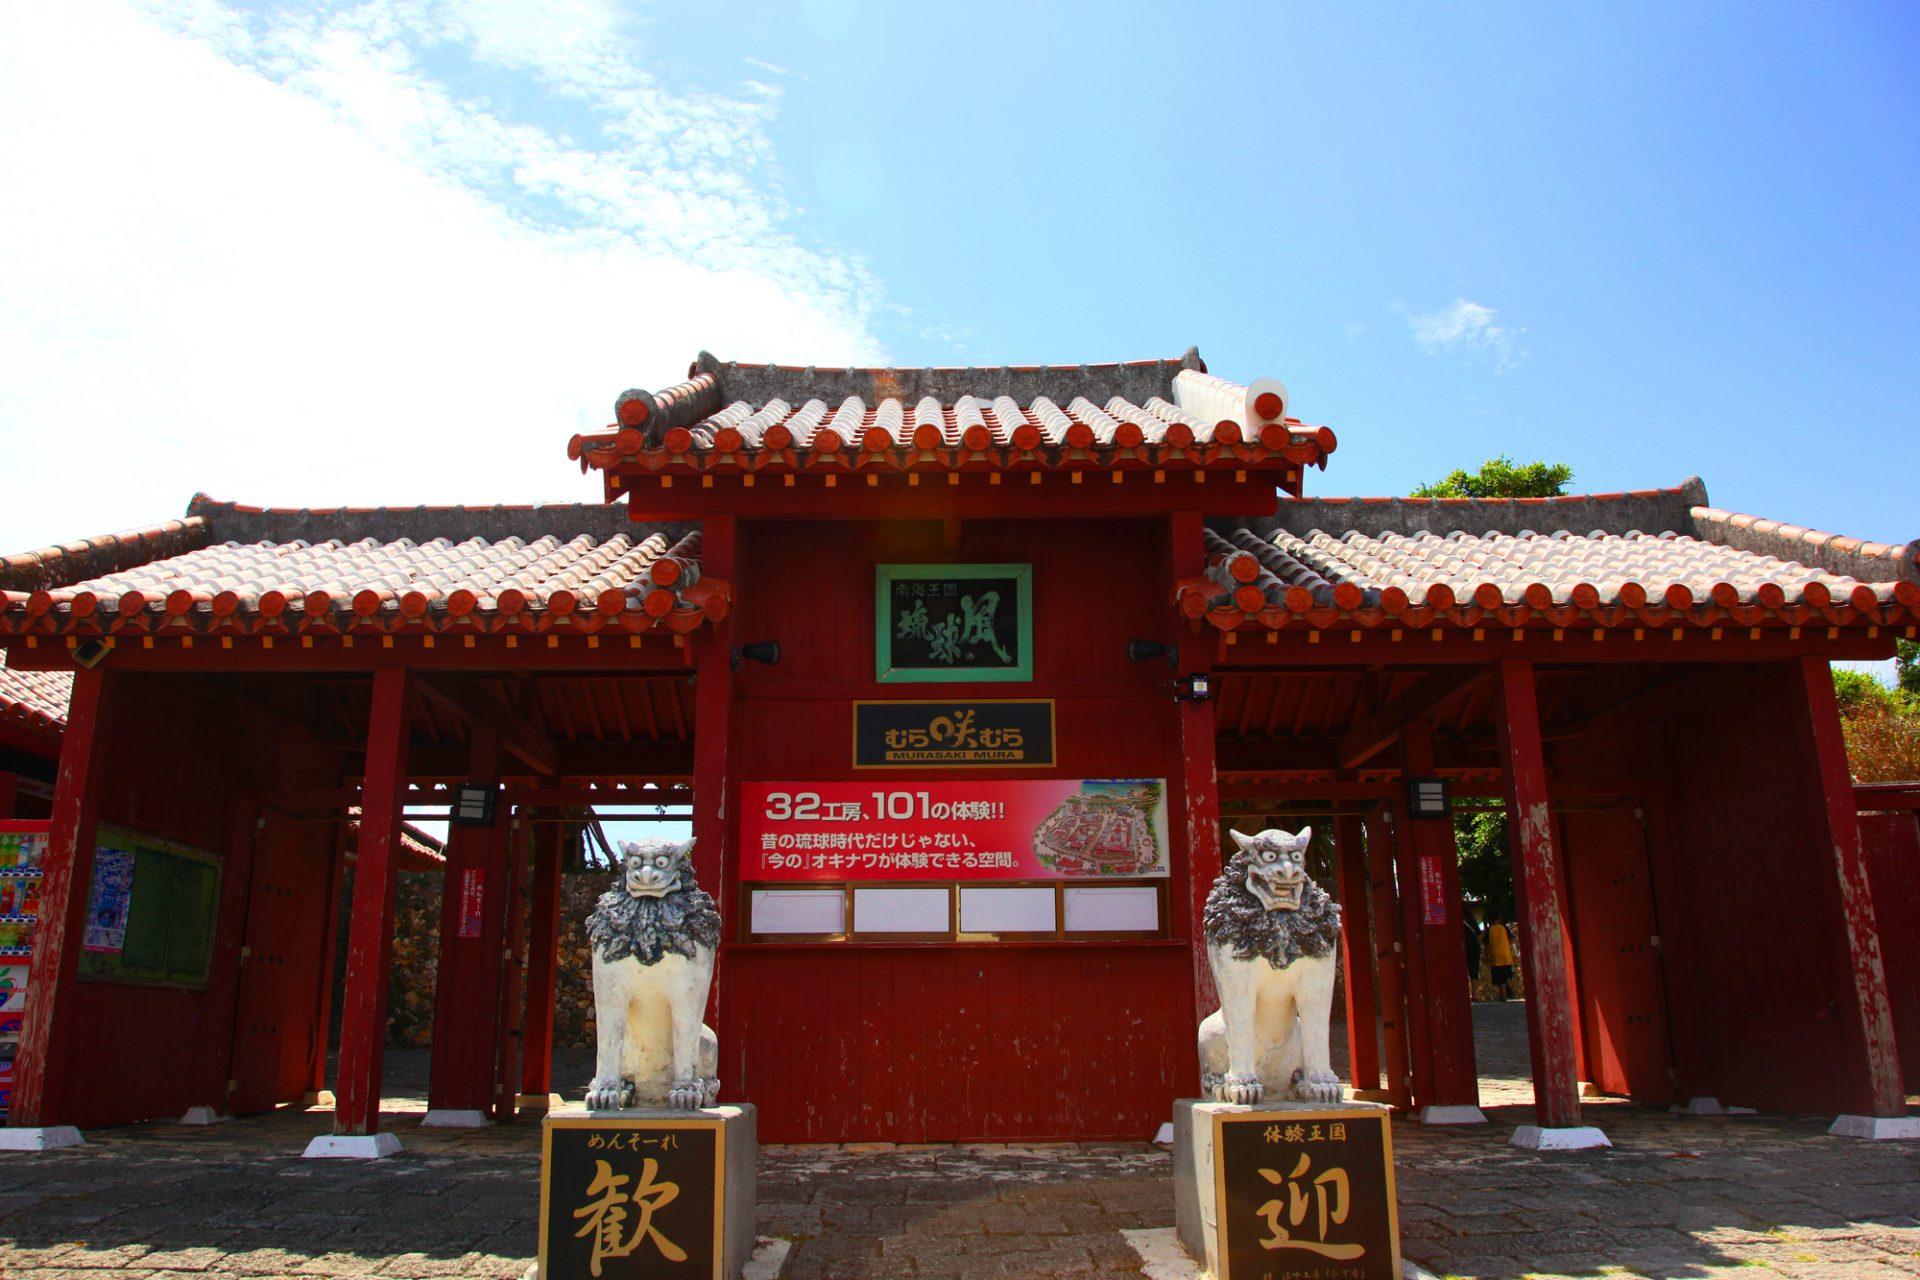 雨の日の観光におすすめ!沖縄中部「体験王国むら咲むら」